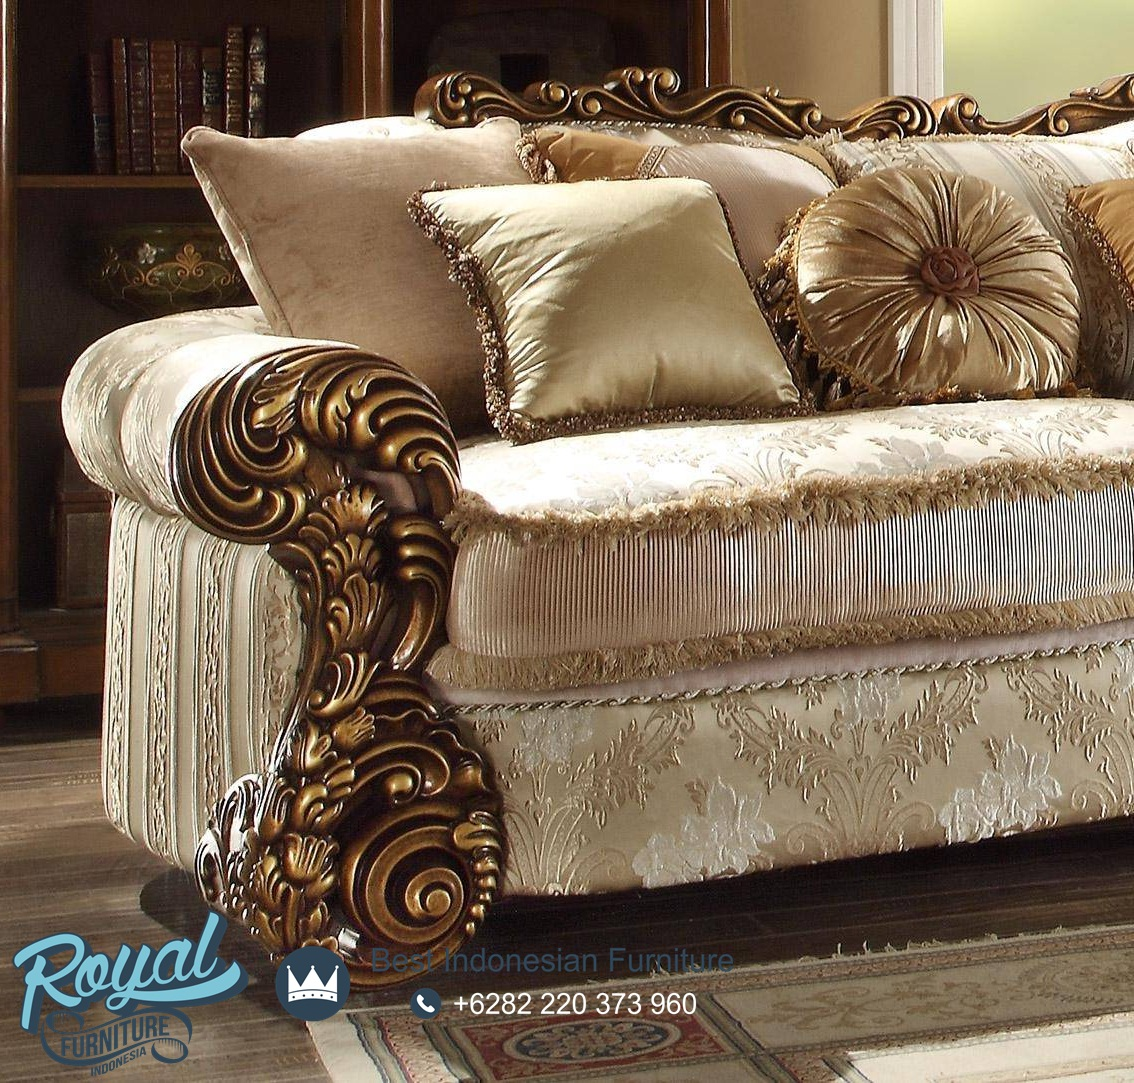 Sofa Ruang Tamu Ukiran Jepara Klasik Jumbo Super Mewah Terbaru, sofa tamu kayu jati ukiran jepara, sofa tamu mewah terbaru, sofa tamu jepara terbaru, kursi tamu ukir jepara terbaru, harga sofa tamu jati ukiran jepara, sofa ruang tamu mewah modern, sofa mewah modern jepara, sofa mewah minimalis terbaru, kursi tamu mewah modern, harga sofa ruang tamu mewah, set sofa tamu mewah, set sofa tamu klasik, kursi tamu classic ukiran jepara, furniture sofa tamu jepara, toko furniture jepara, showroom furniture jepara, furniture jepara store, mebel jepara klasik, jual kursi tamu sofa mewah terbaru 2020, kursi tamu mewah harga kualitas terbaik, royal furniture